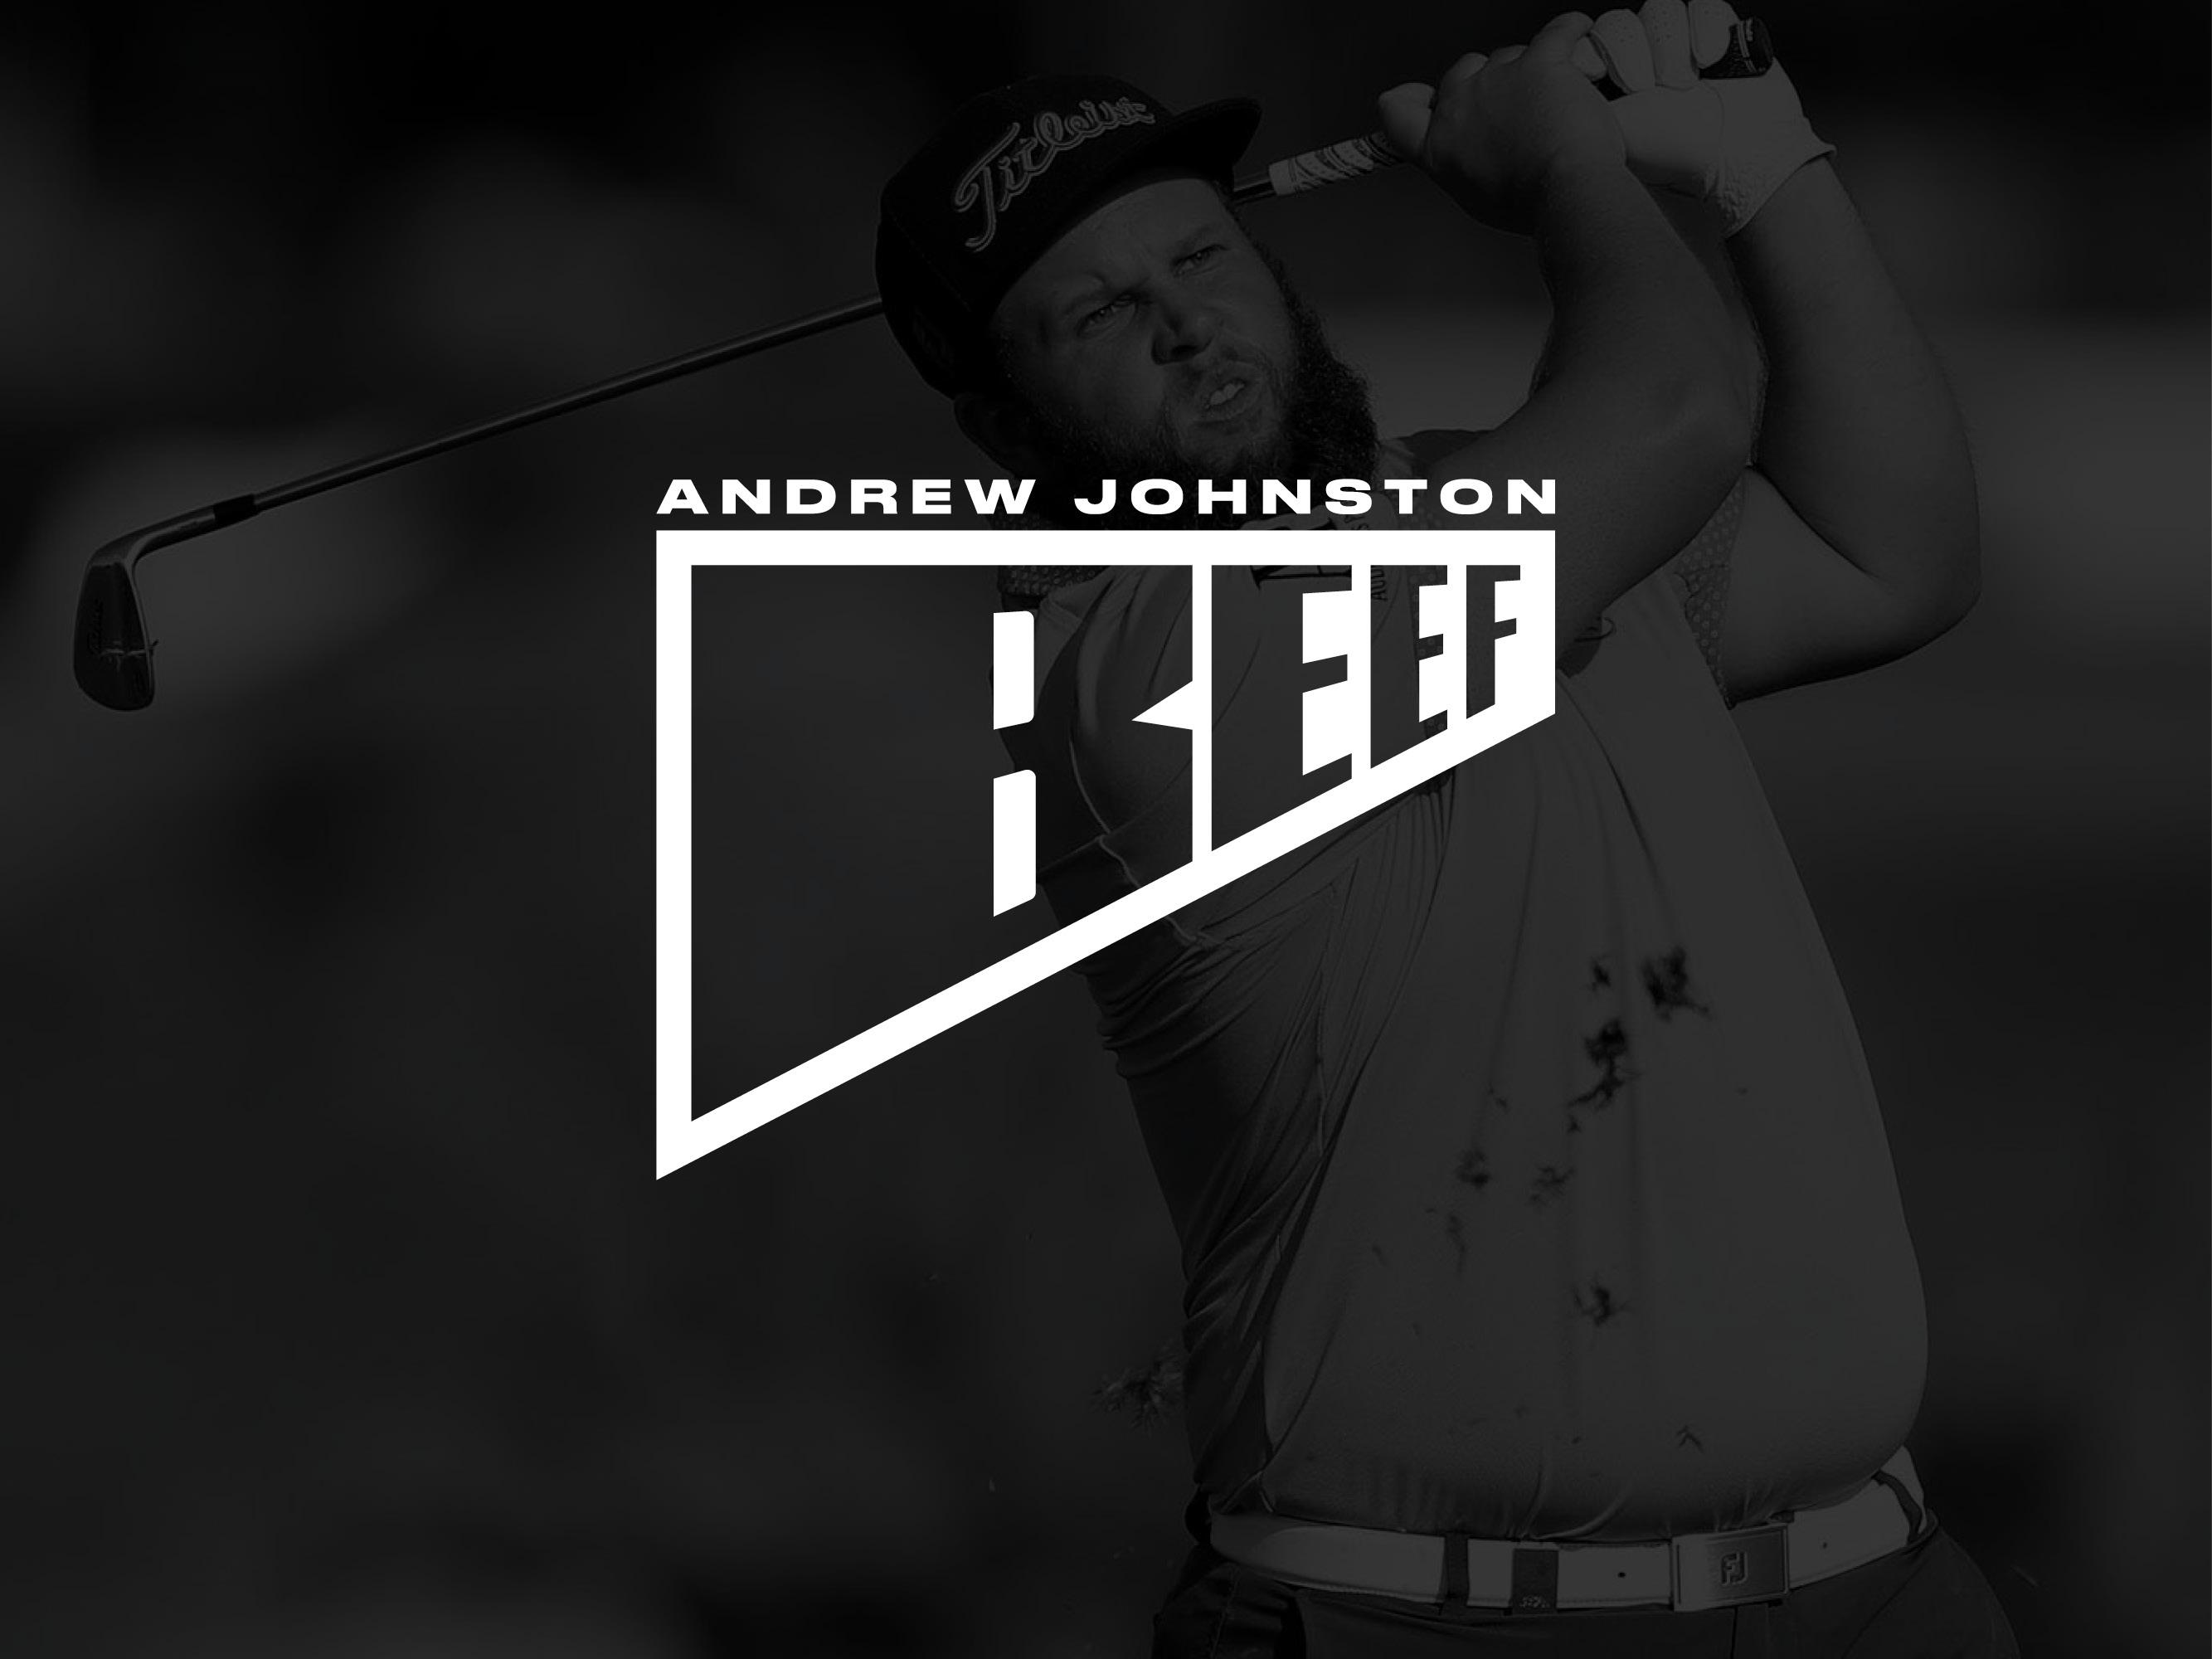 Andrew 'Beef' Johnston PGA tour golfer logo design